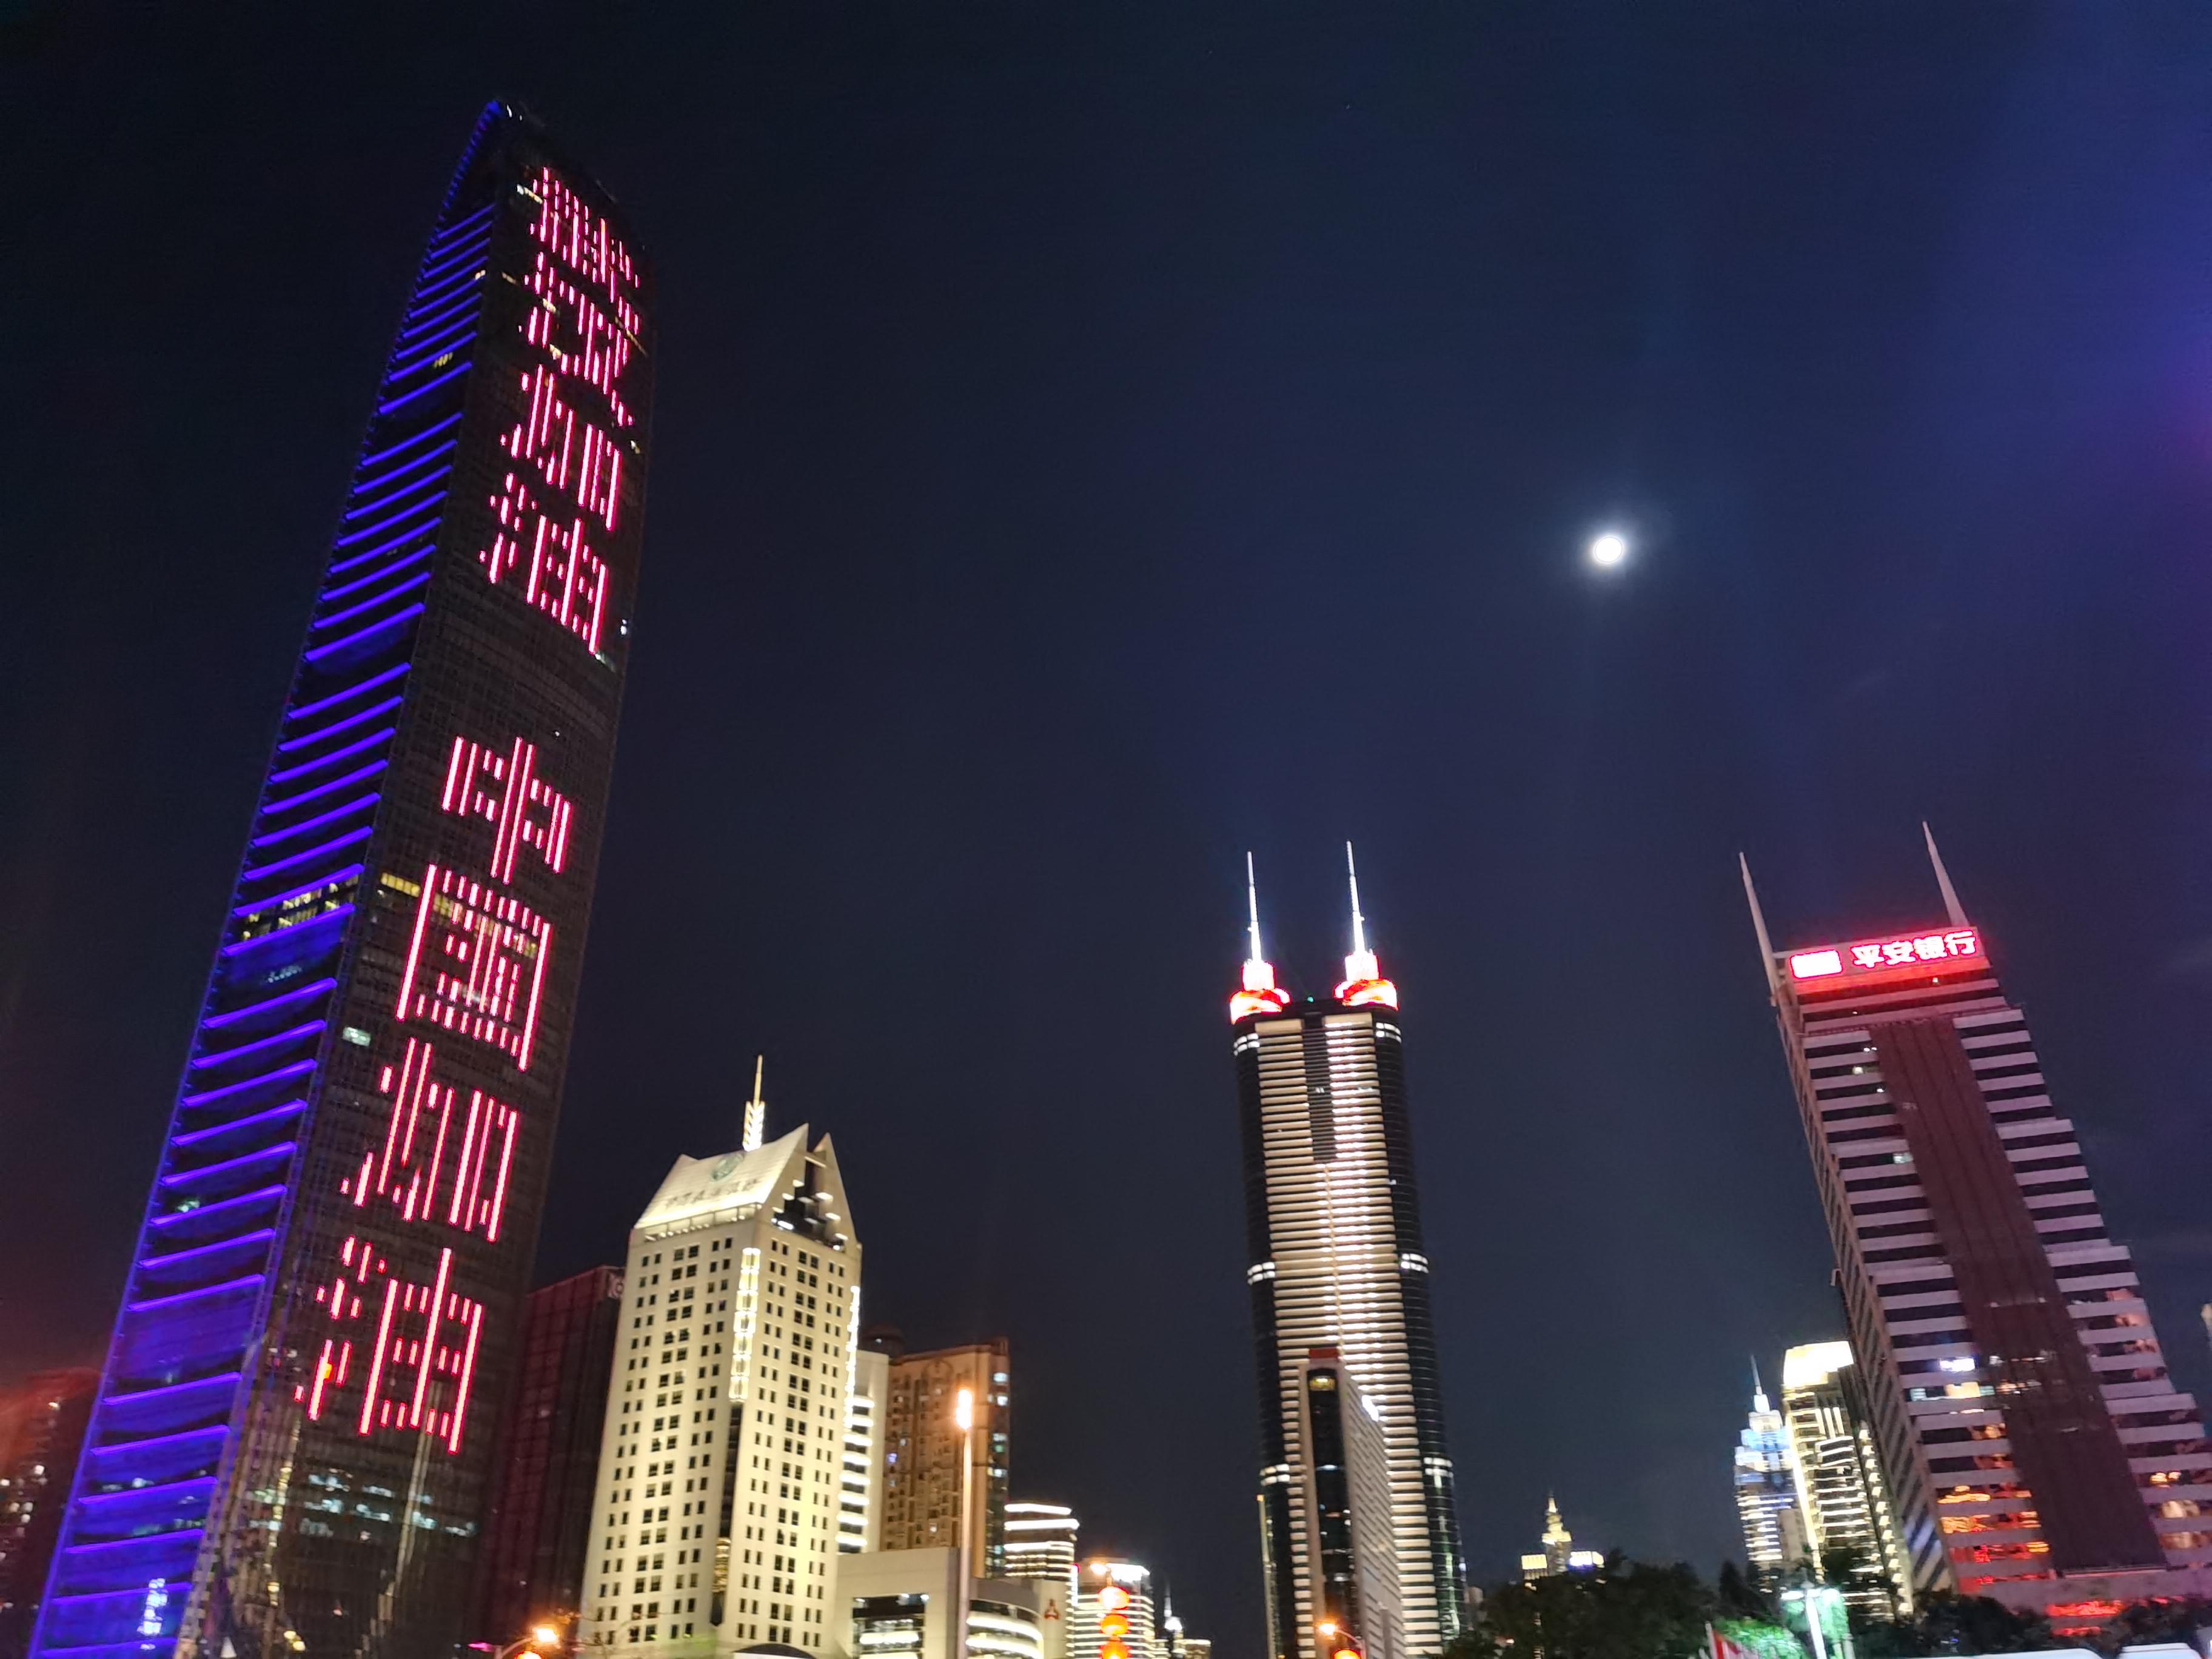 广州日报大洋网首页 新闻频道 融媒体栏目n 广东 正文 今天是2020年